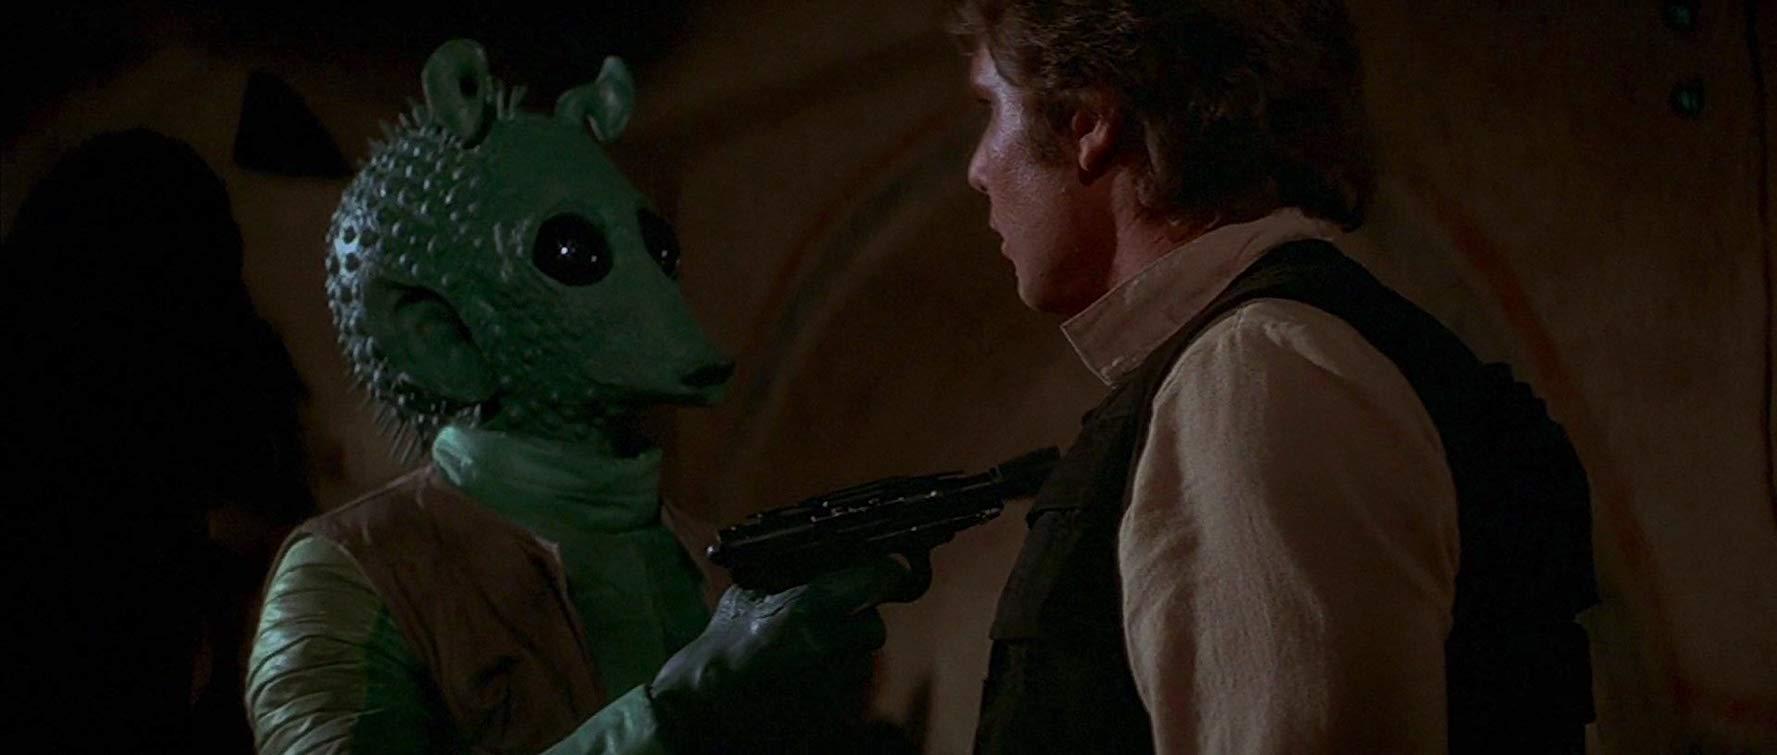 Star Wars: cena com Han Solo e Greedo é modificada no Disney+